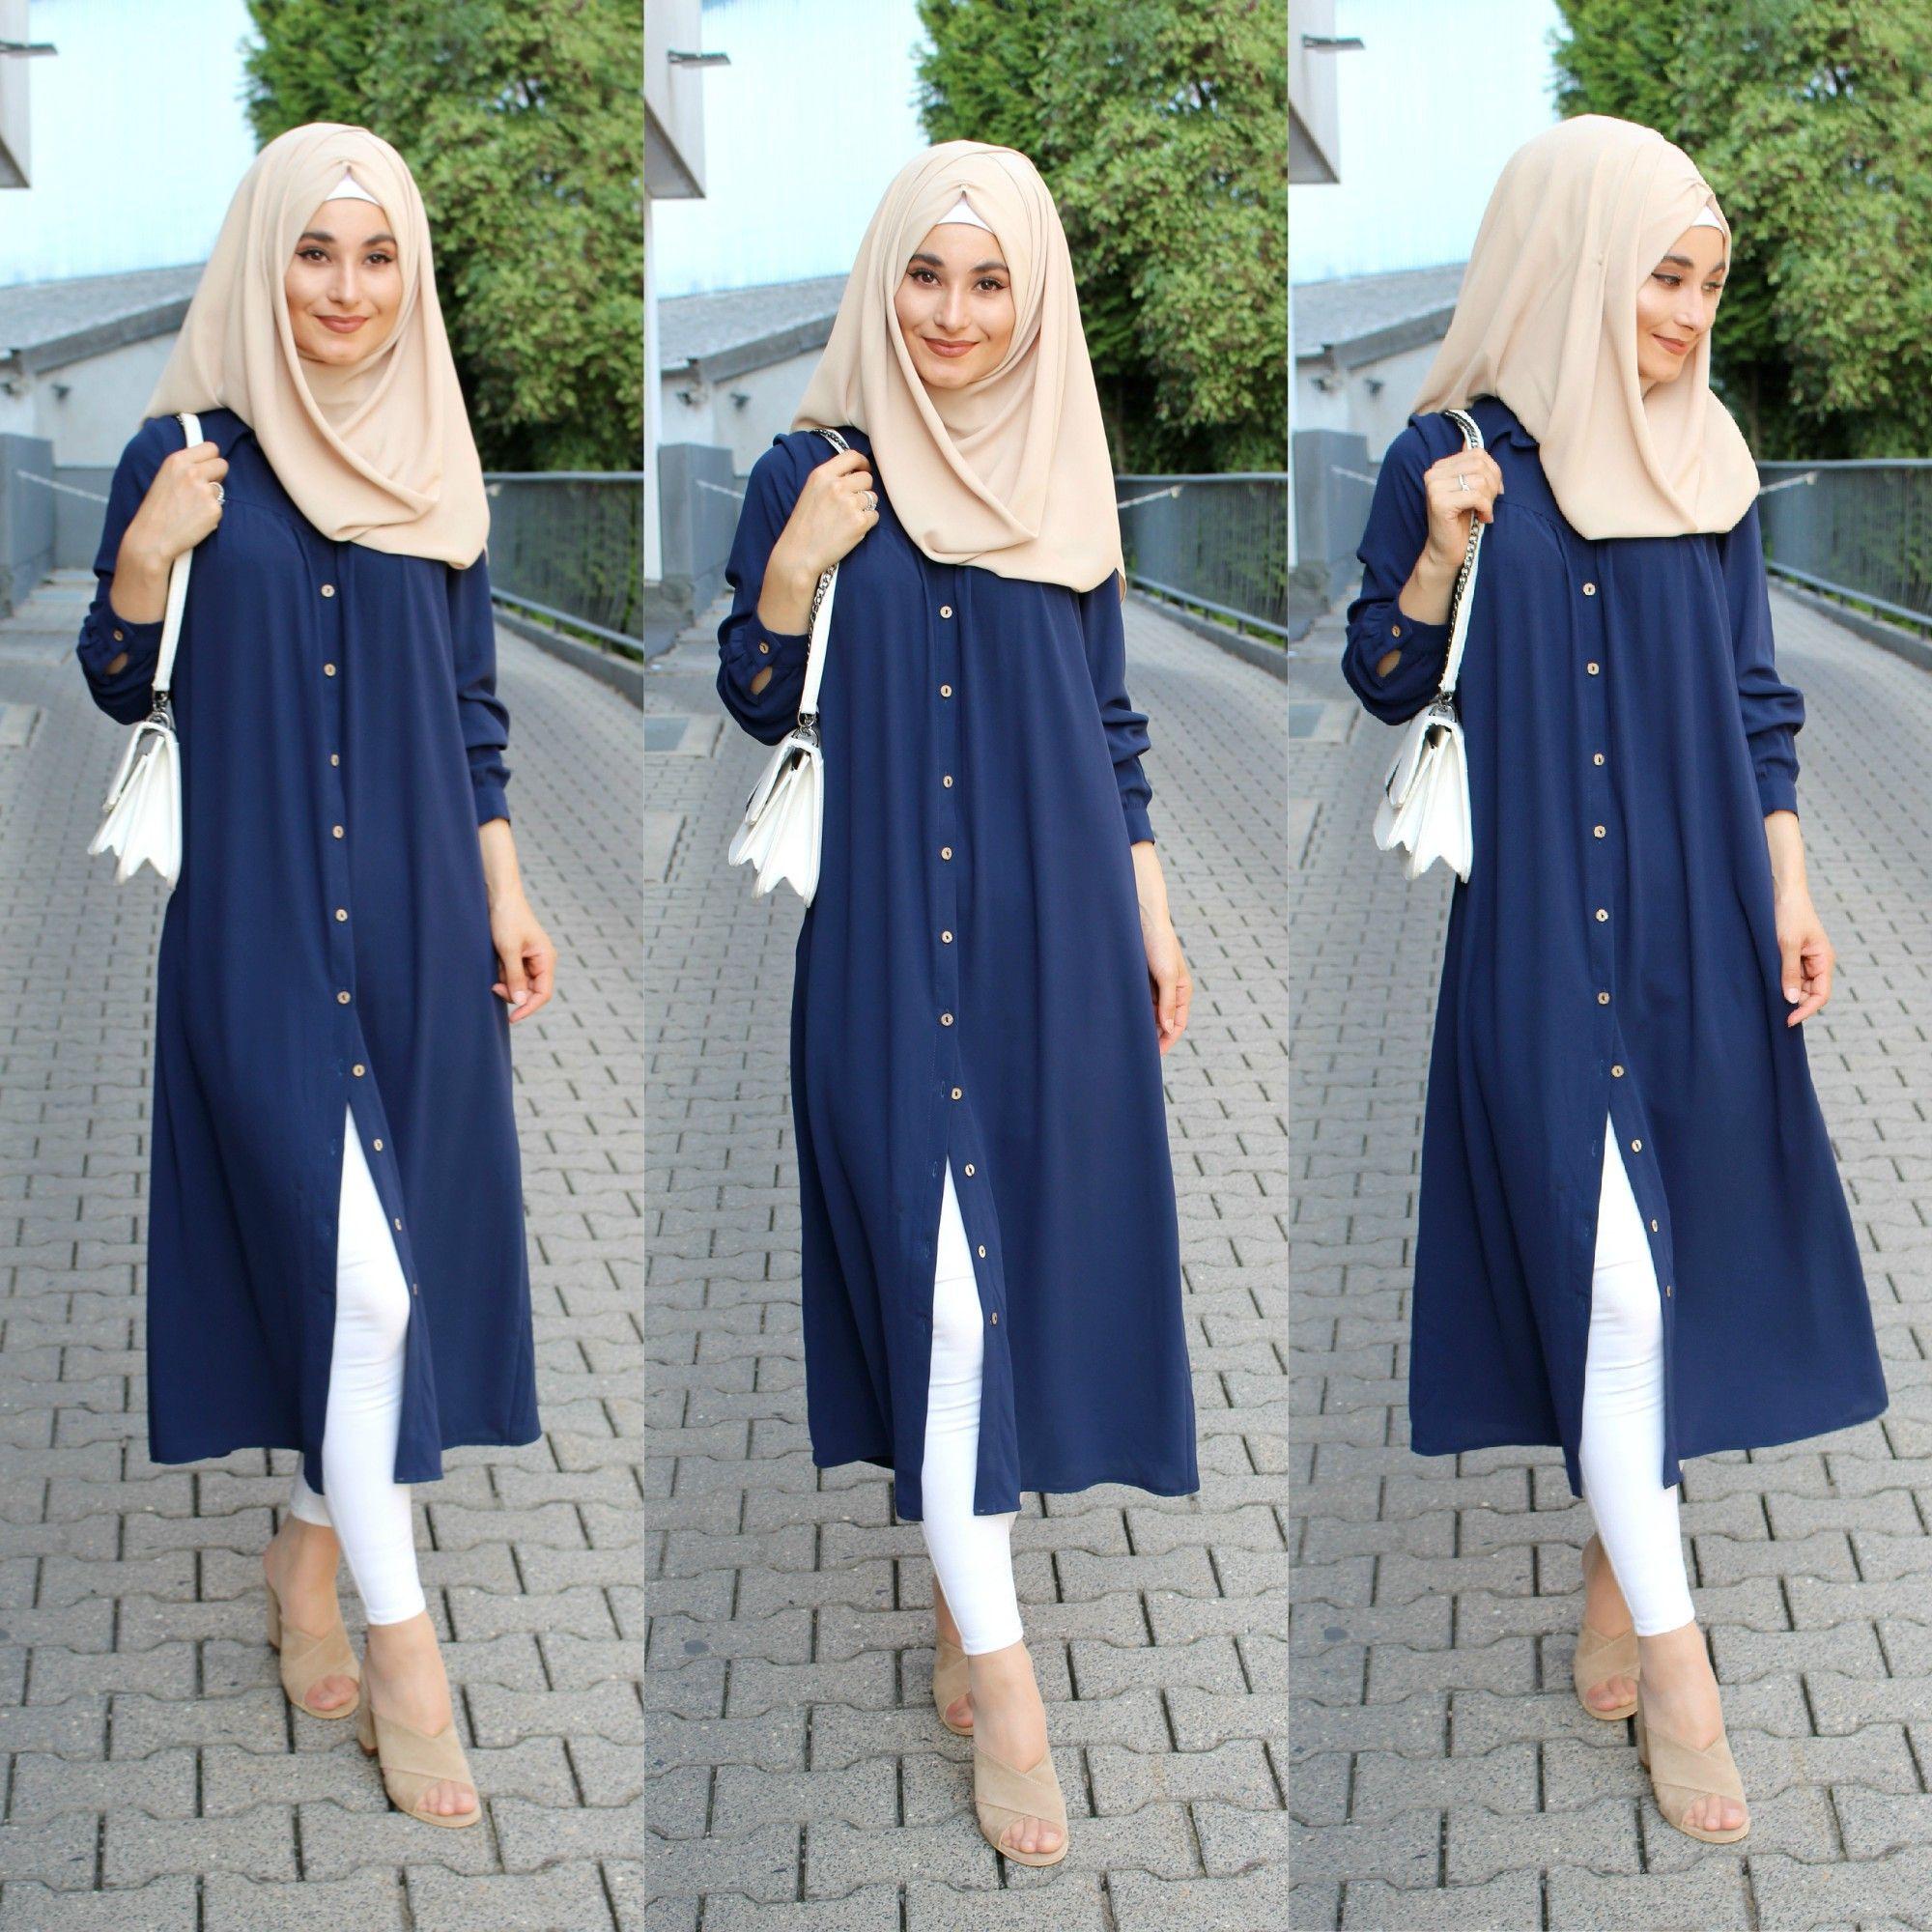 15 Perfekt Abend Dress Muslimah Boutique13 Spektakulär Abend Dress Muslimah Design